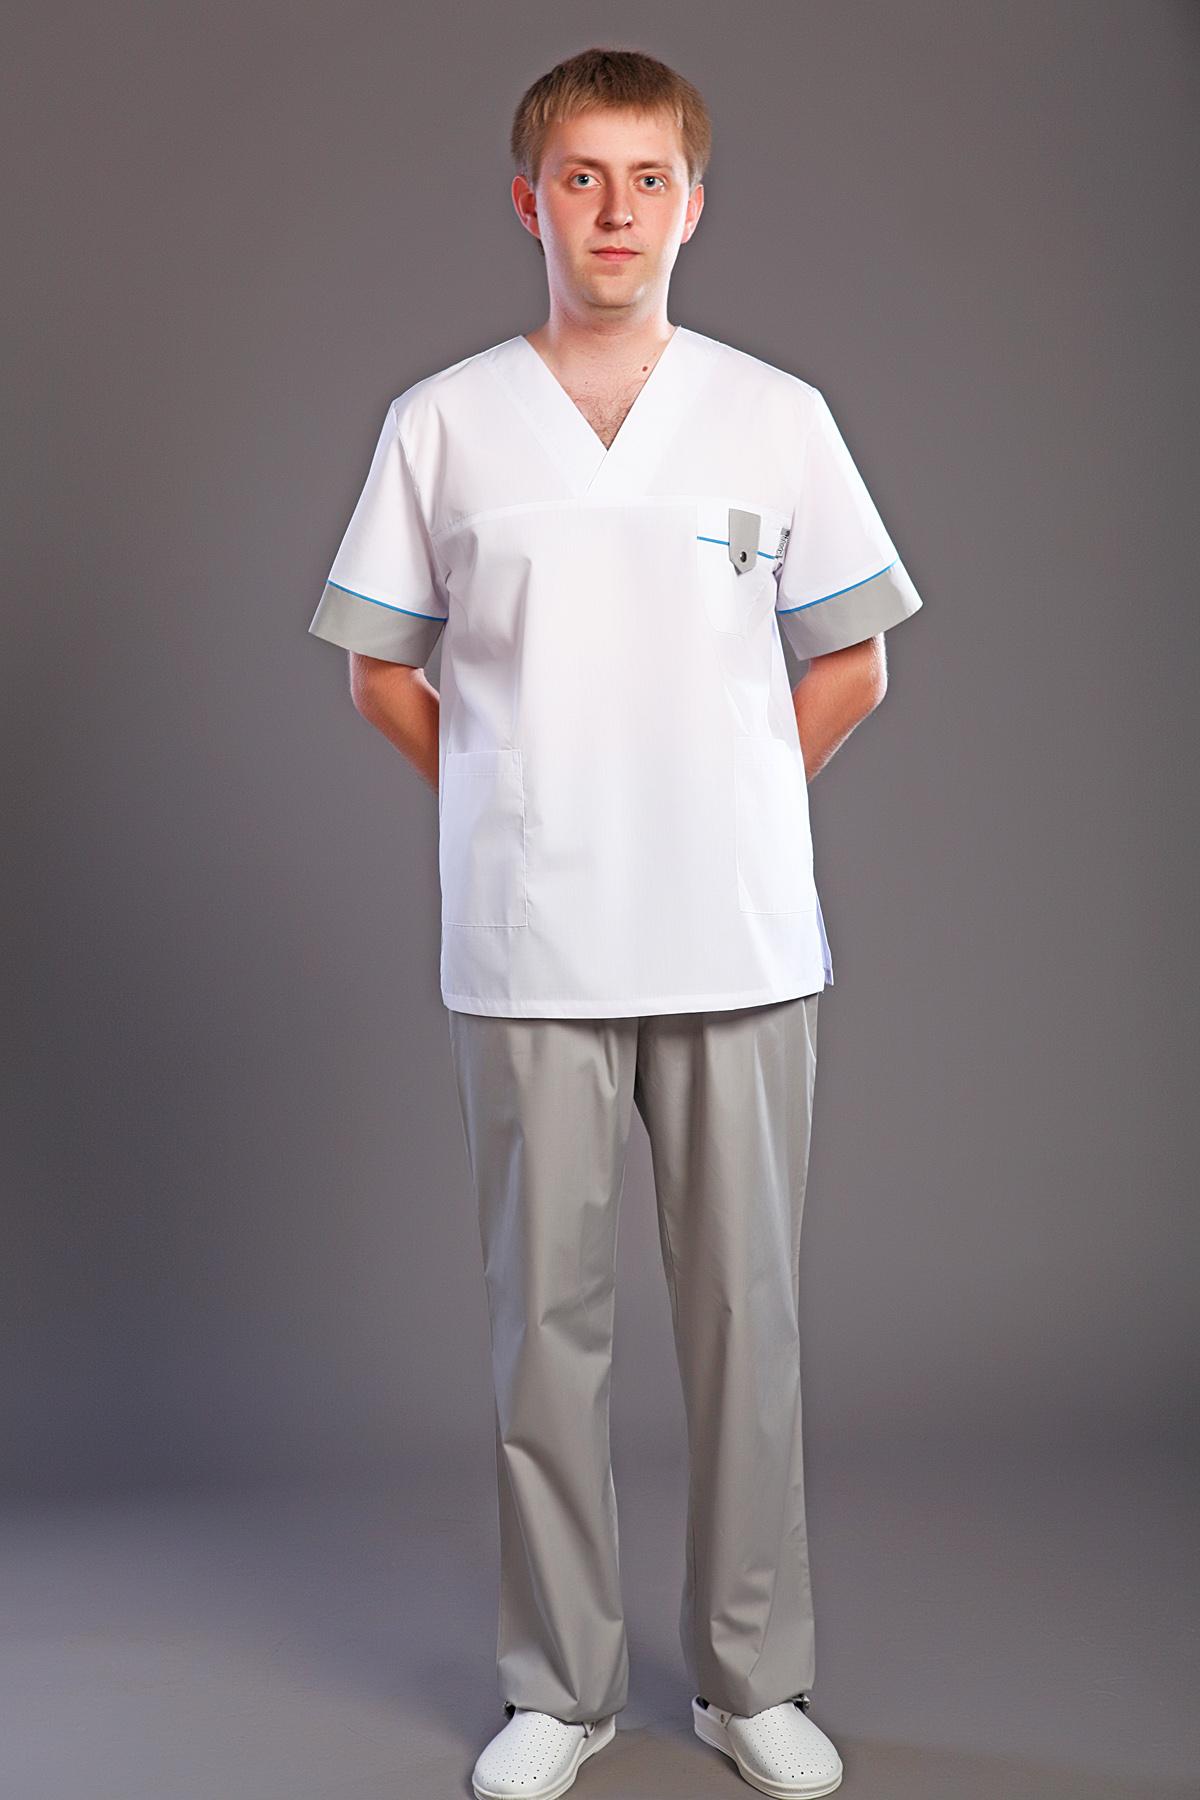 Костюм хирургический мужской М-170-1Костюмы, кофты, брюки<br><br><br>Размер: 44